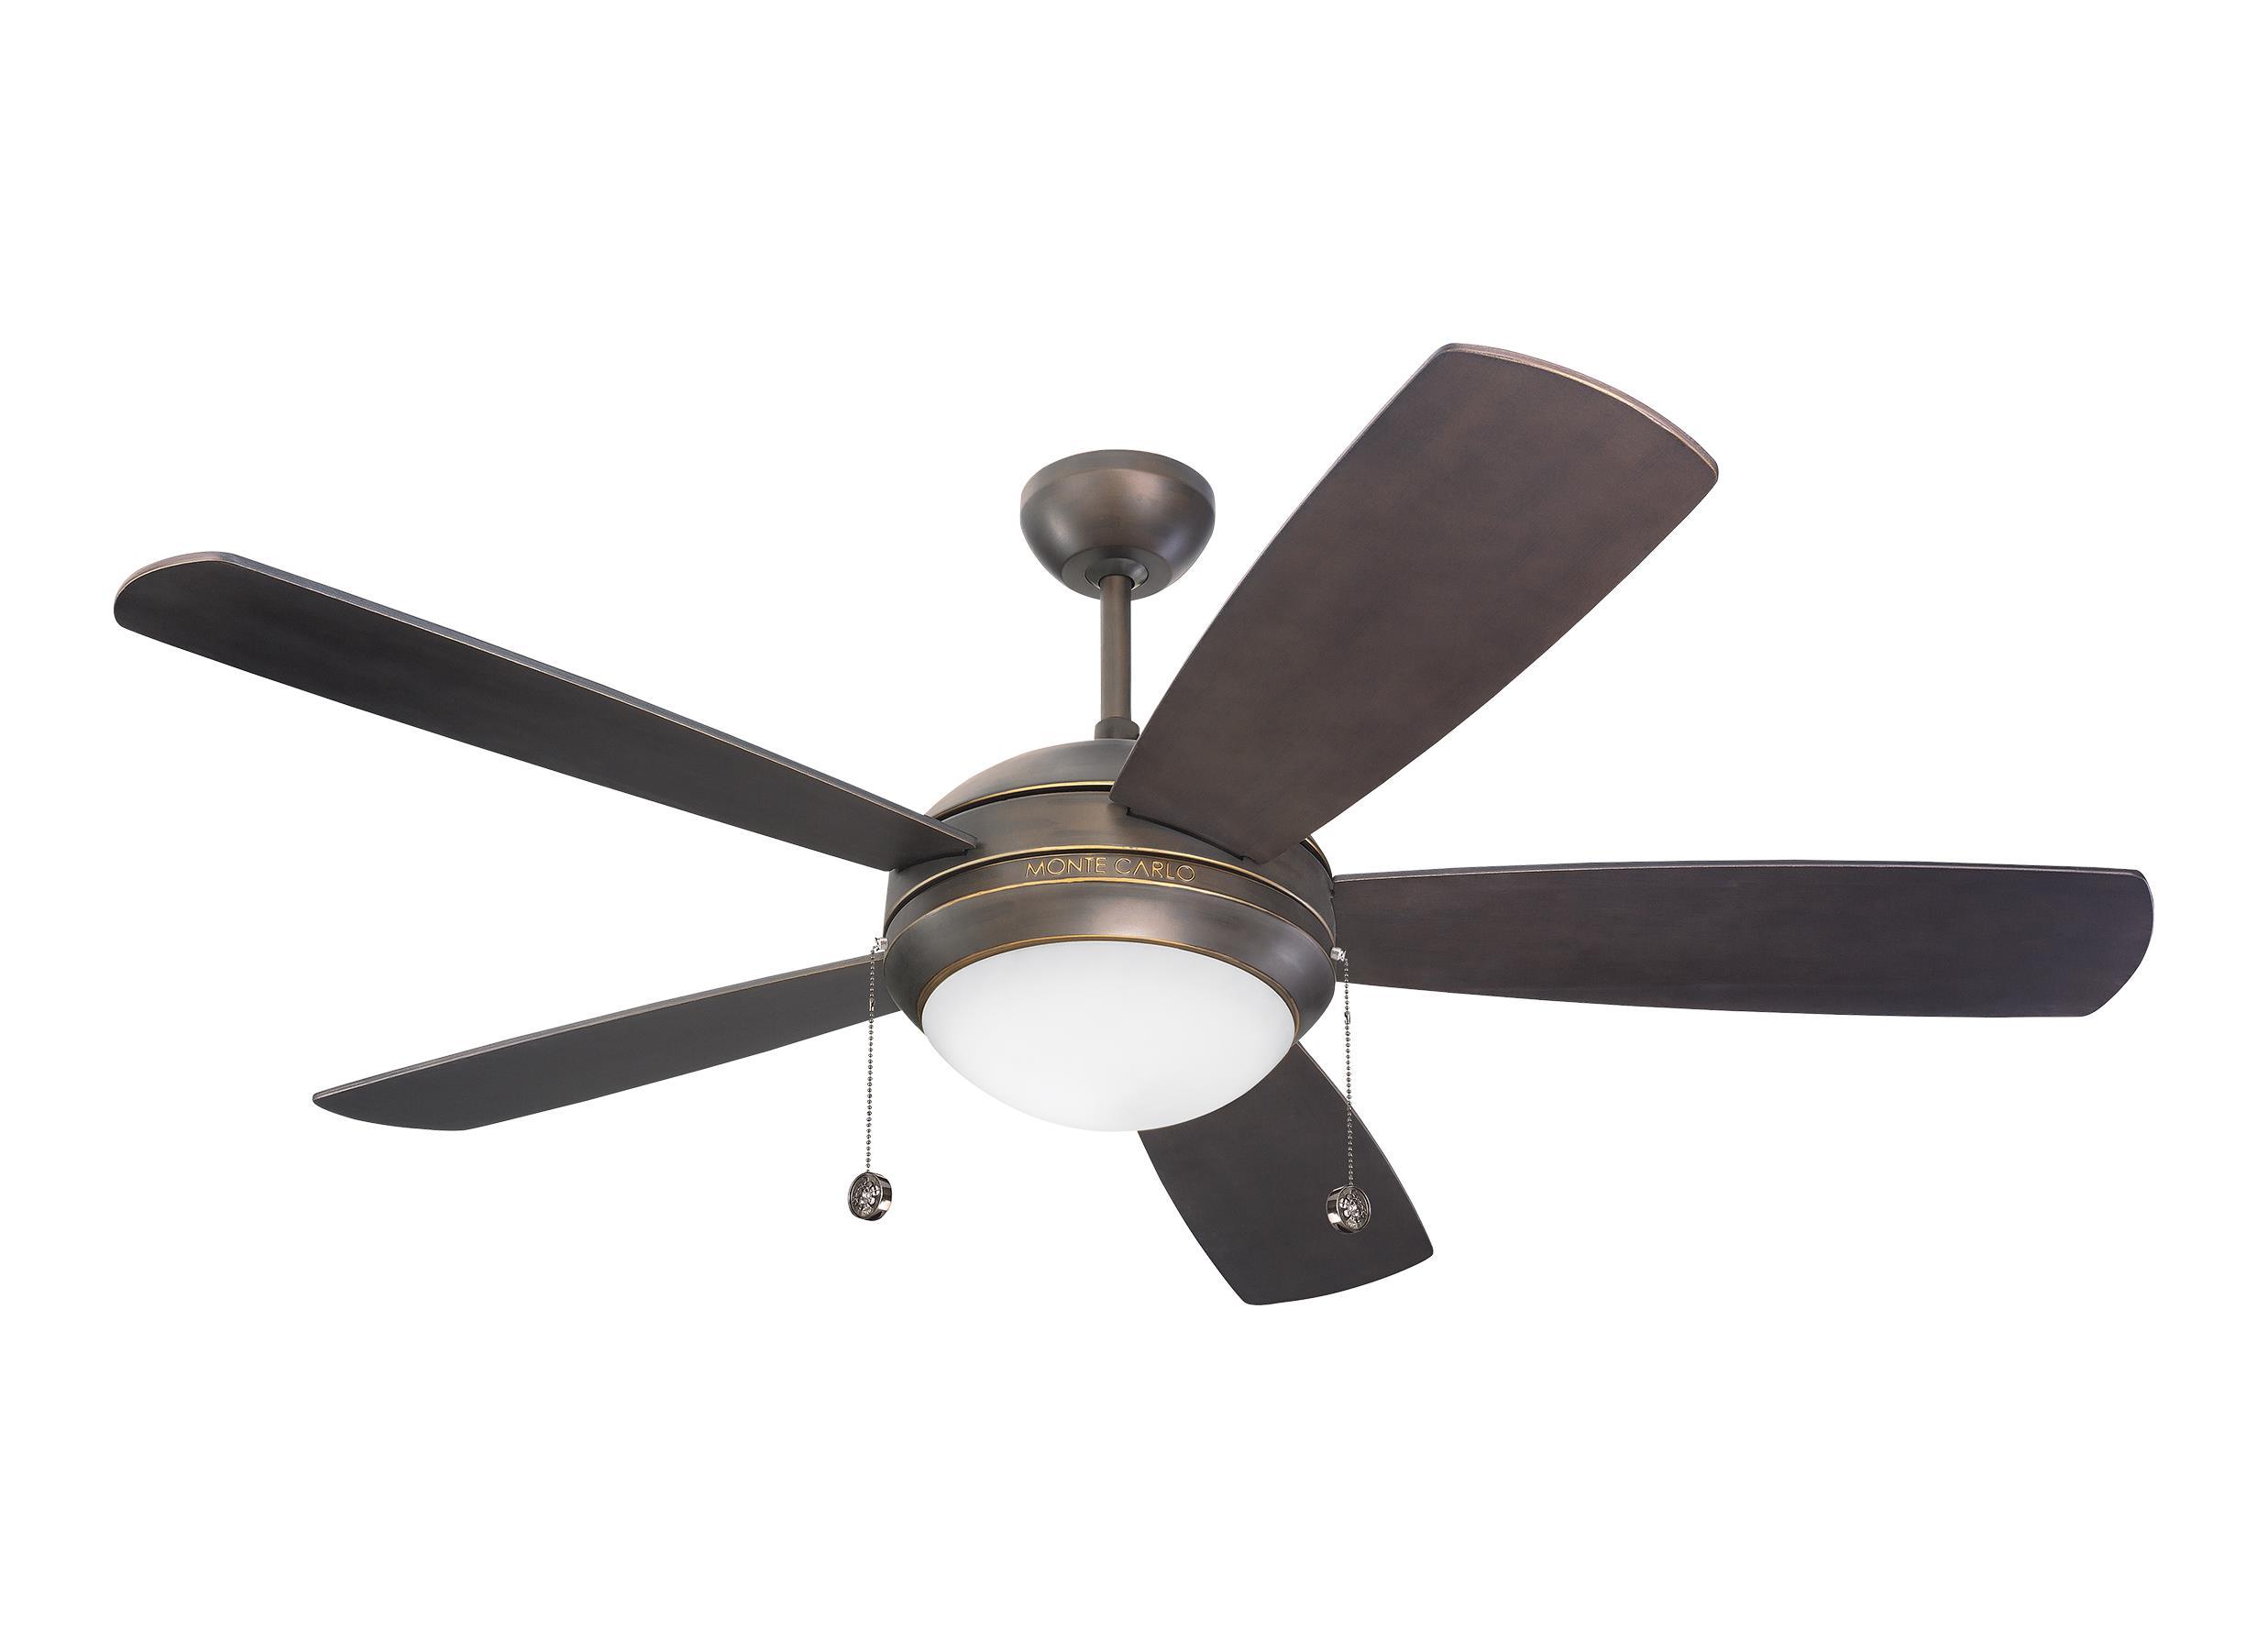 52 discus fan roman bronze bronze ceiling fan